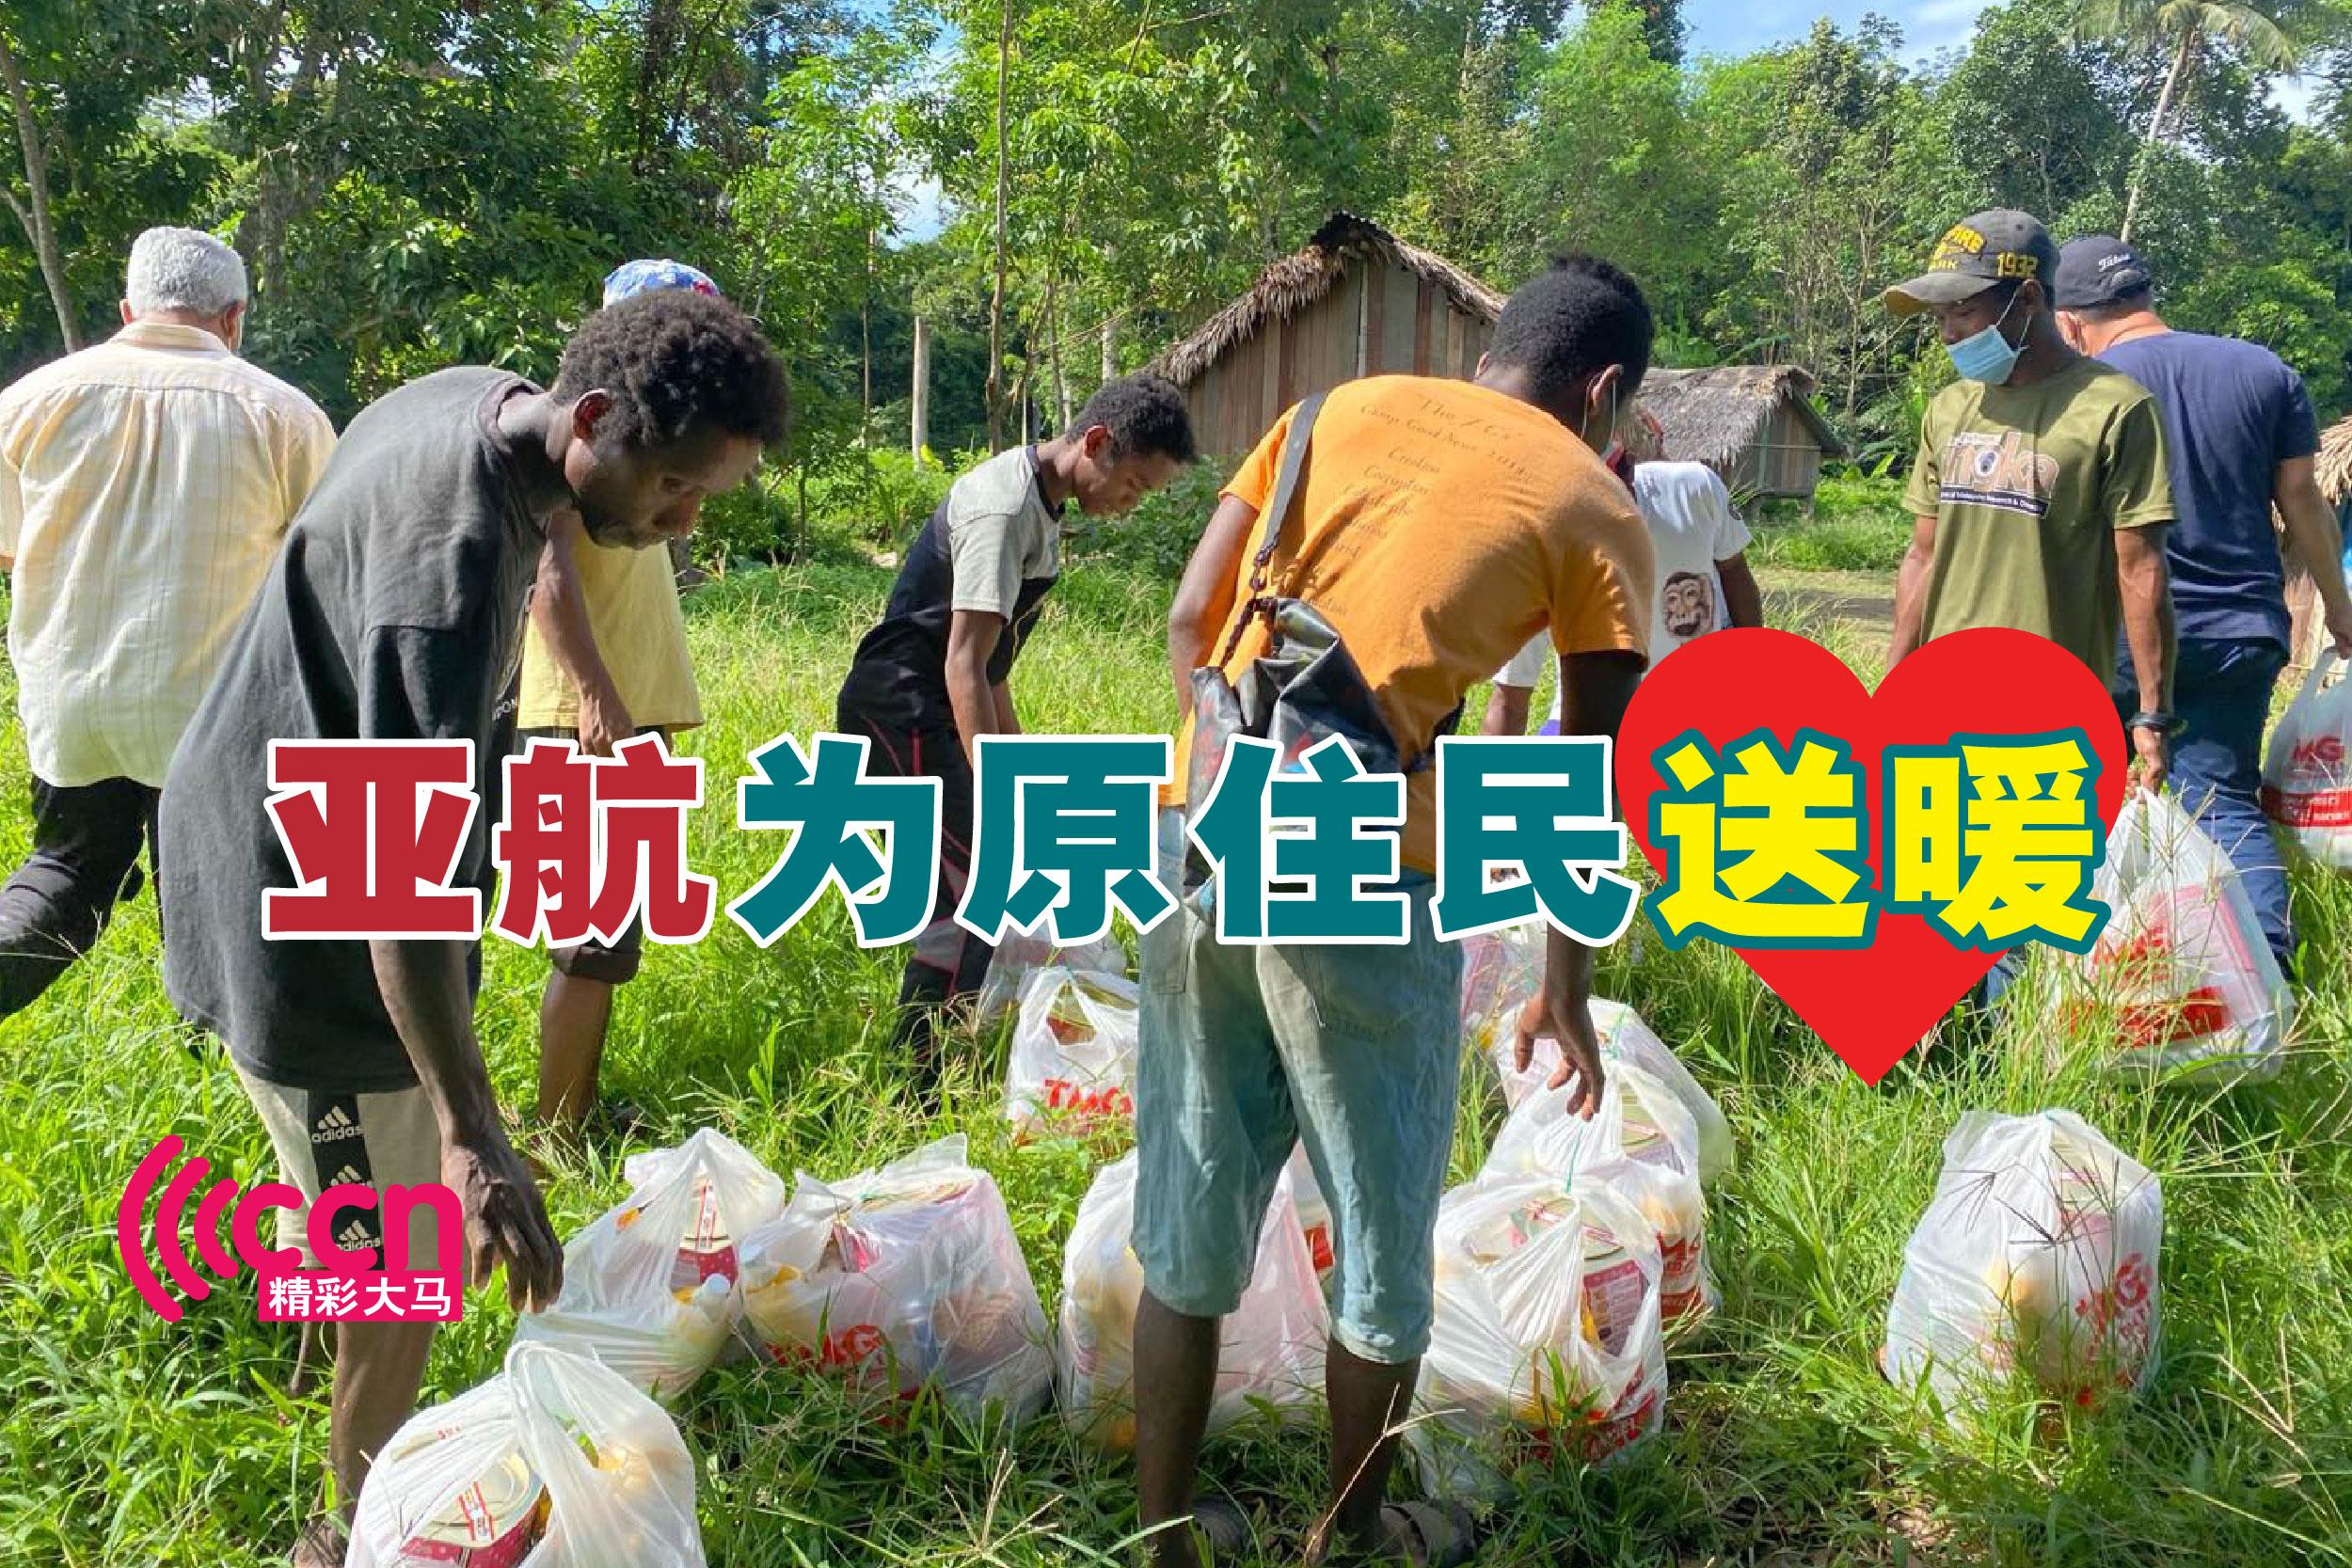 亚航透过旗下的筹款活动,为彭亨州原住民送上食物包。-亚航供图,精彩大马制图-